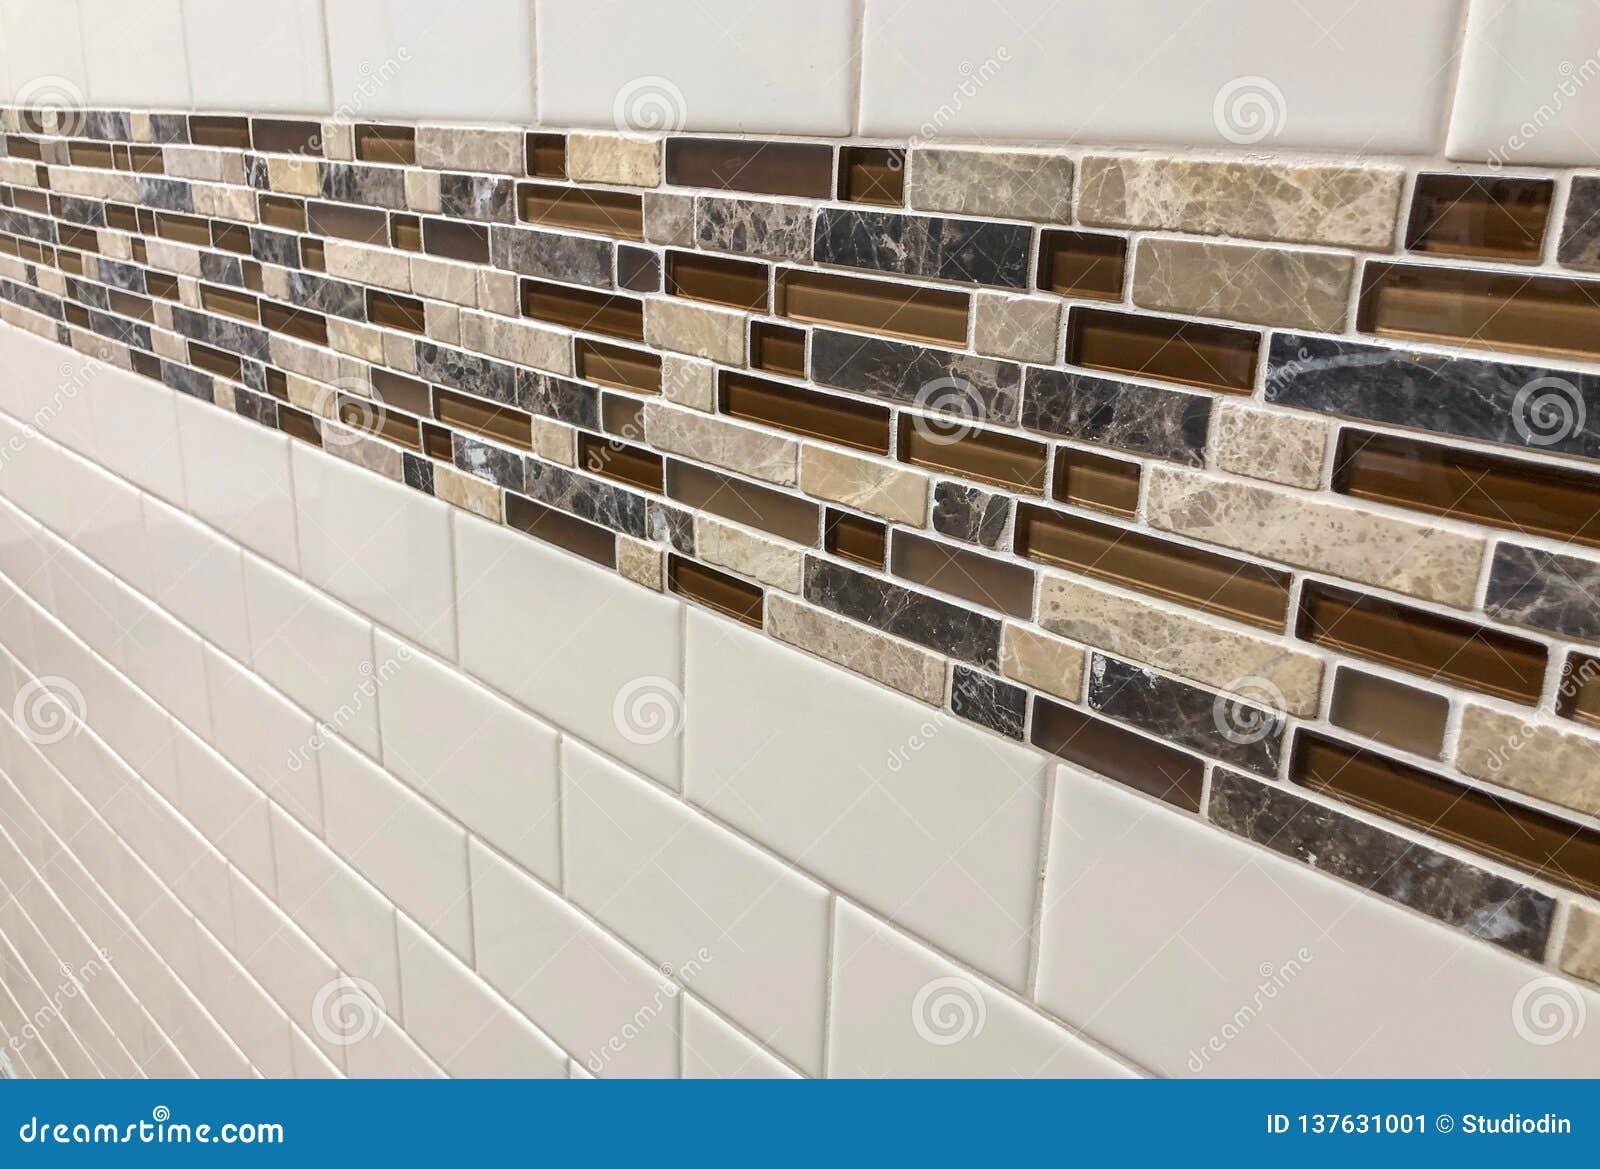 Decoration De Mur De Cuisine tuiles faites en verre et pierre installés sur le mur comme